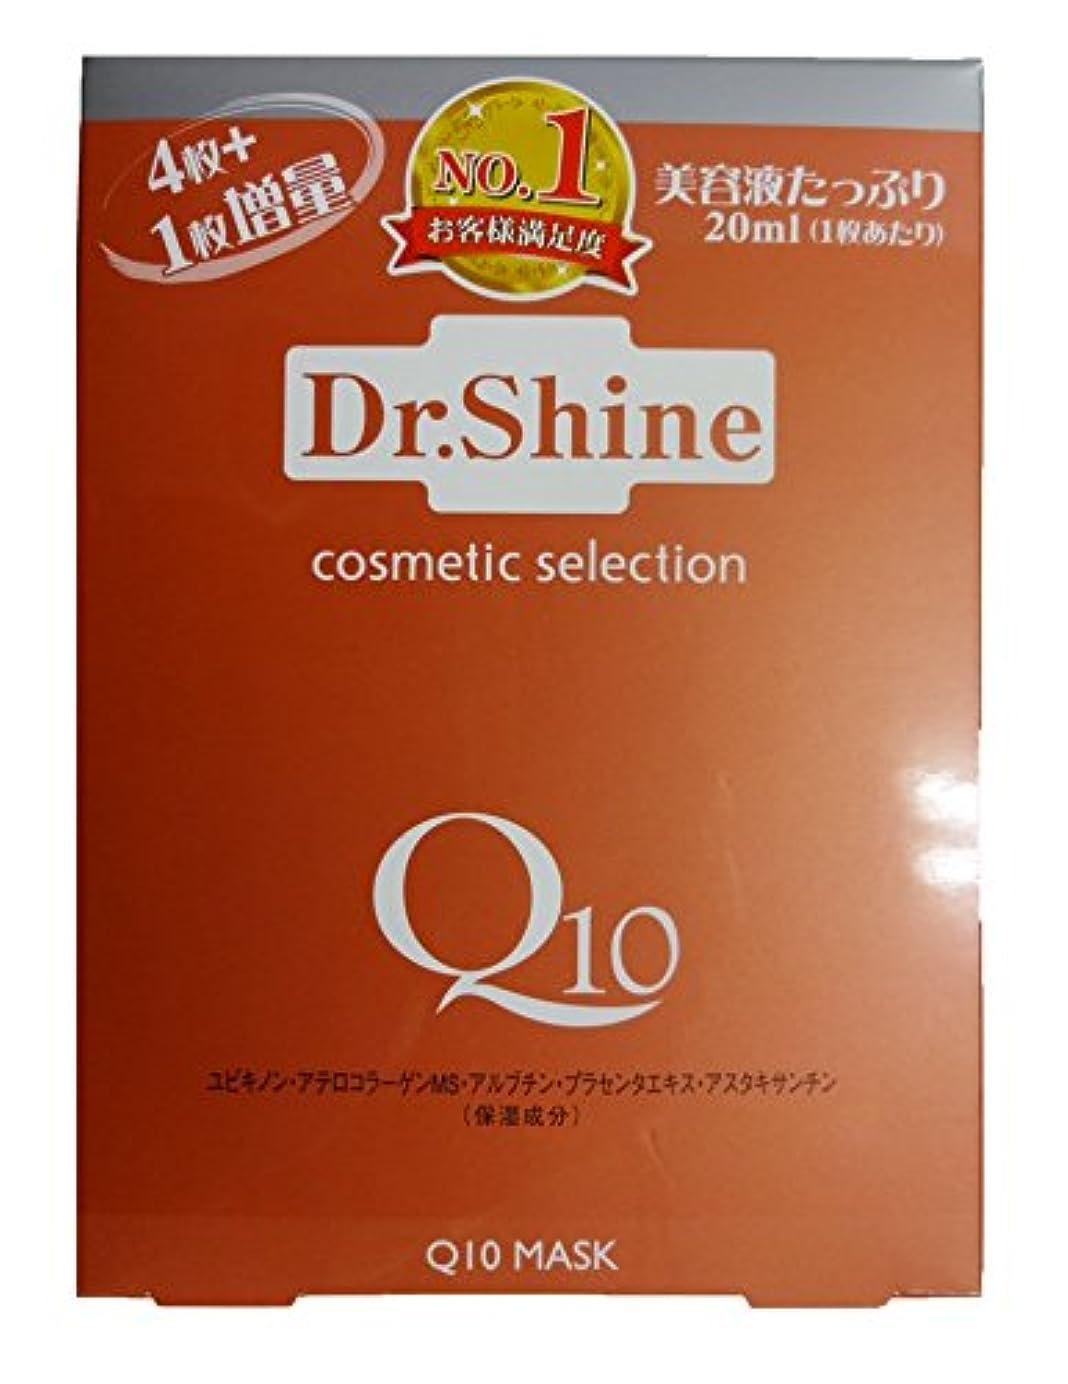 黄ばむビスケット探すDr.Shine(ドクターシャイン) フェイスマスクEX 5枚入